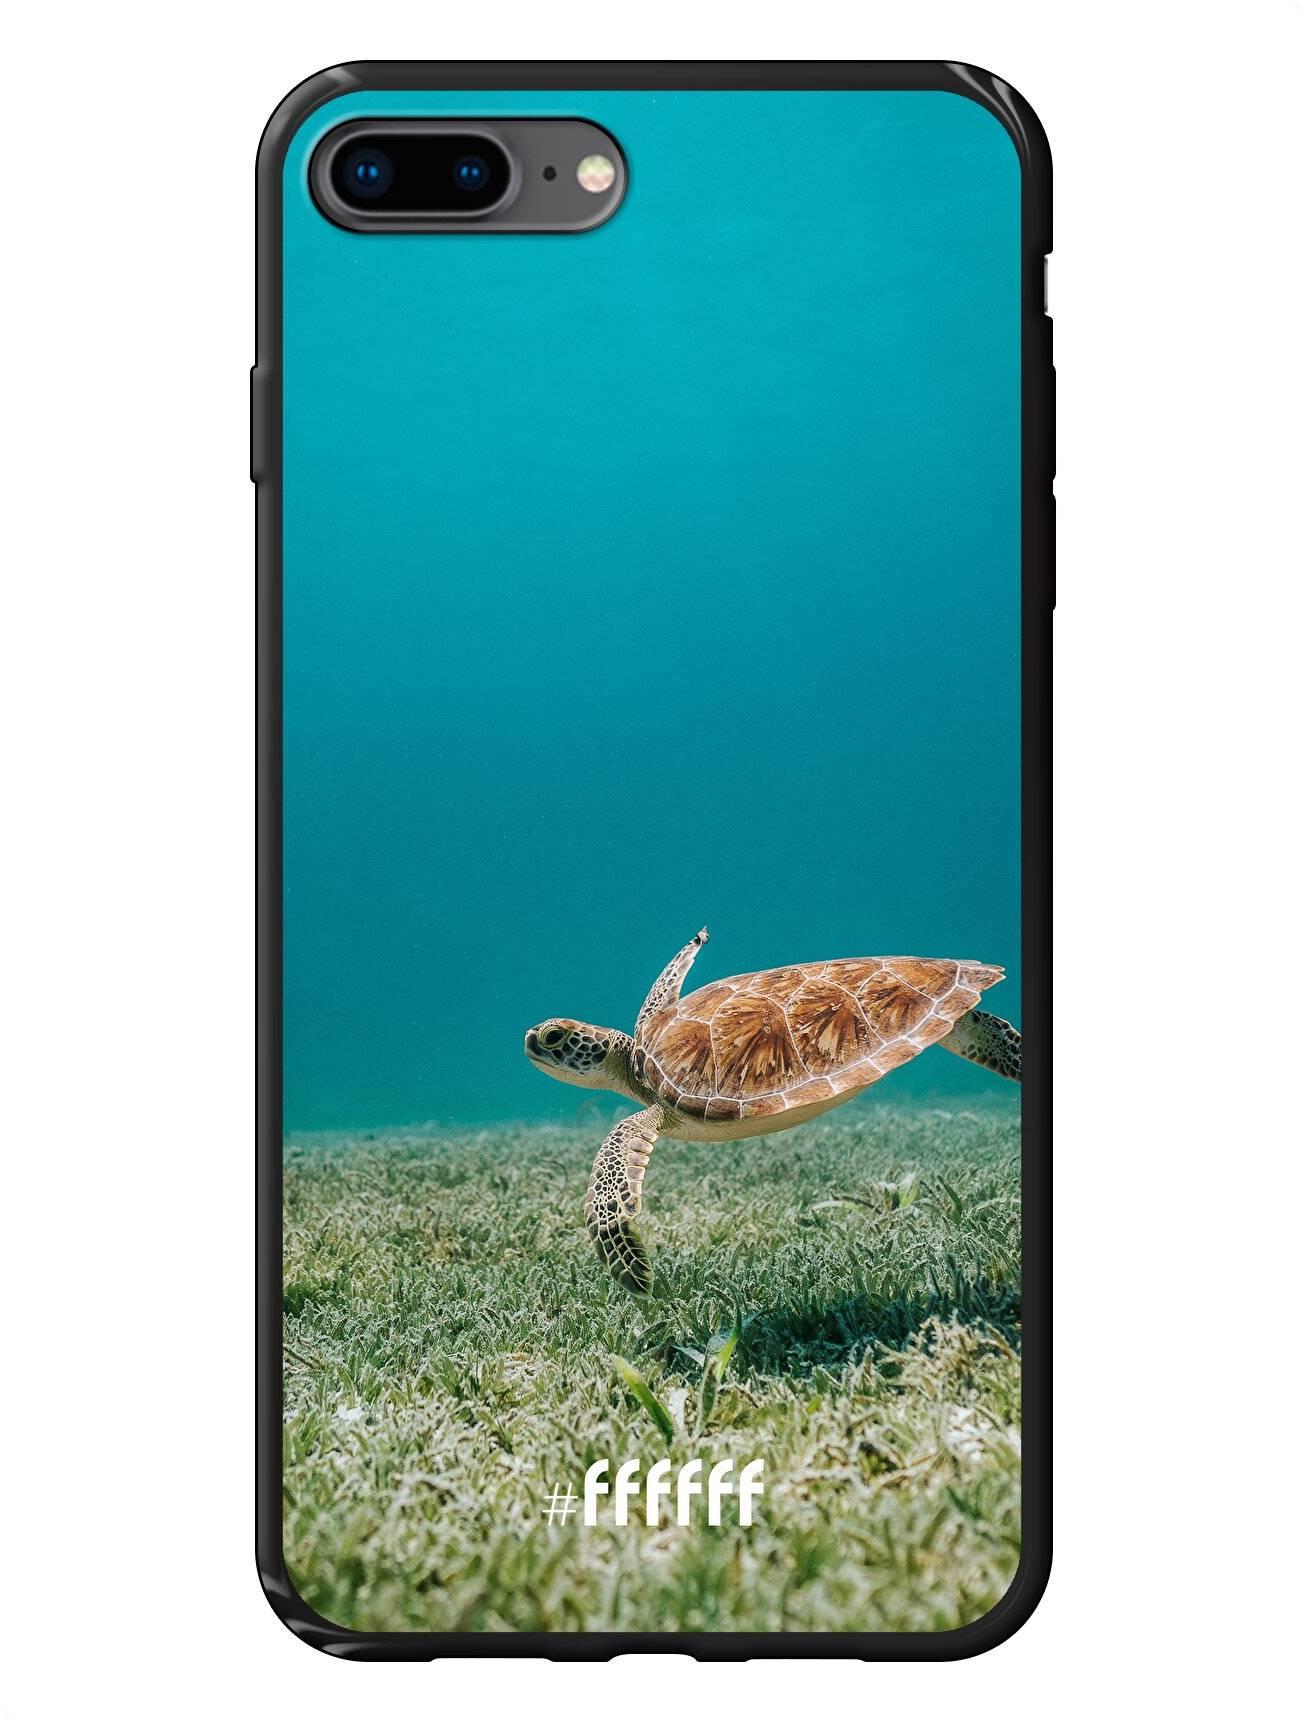 Turtle iPhone 7 Plus